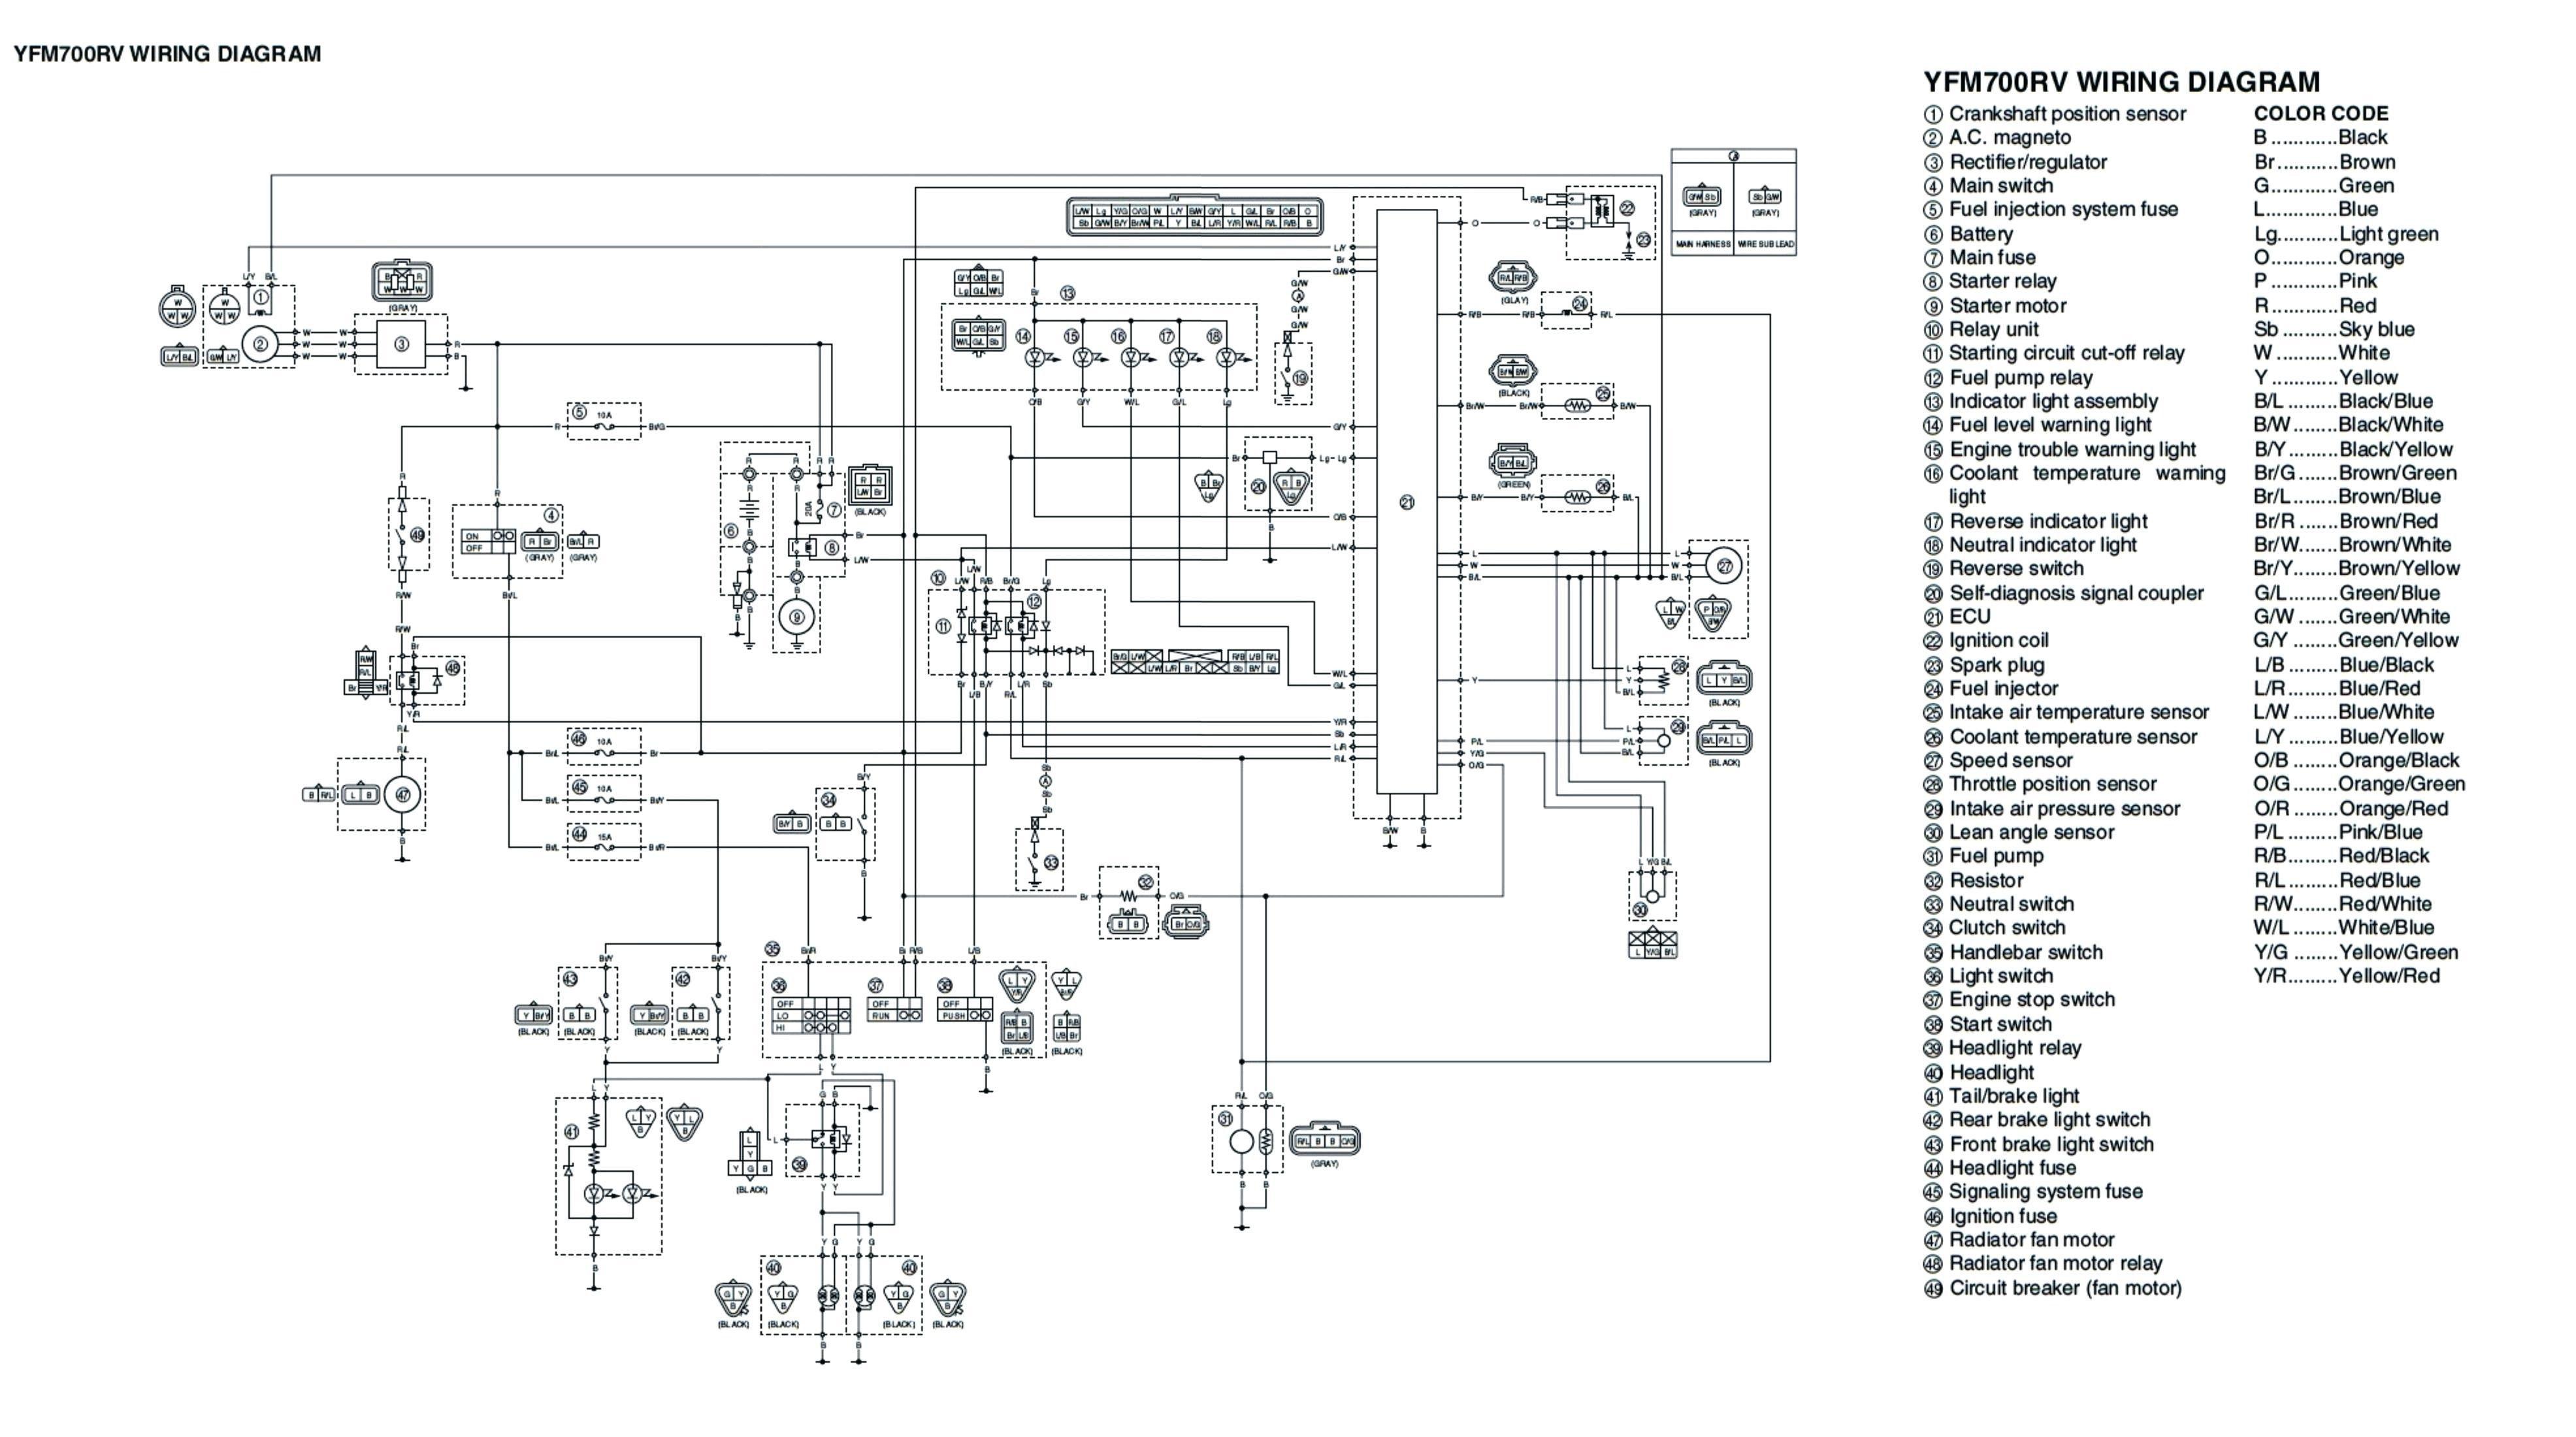 new yamaha wiring diagram symbols  diagrams  digramssample